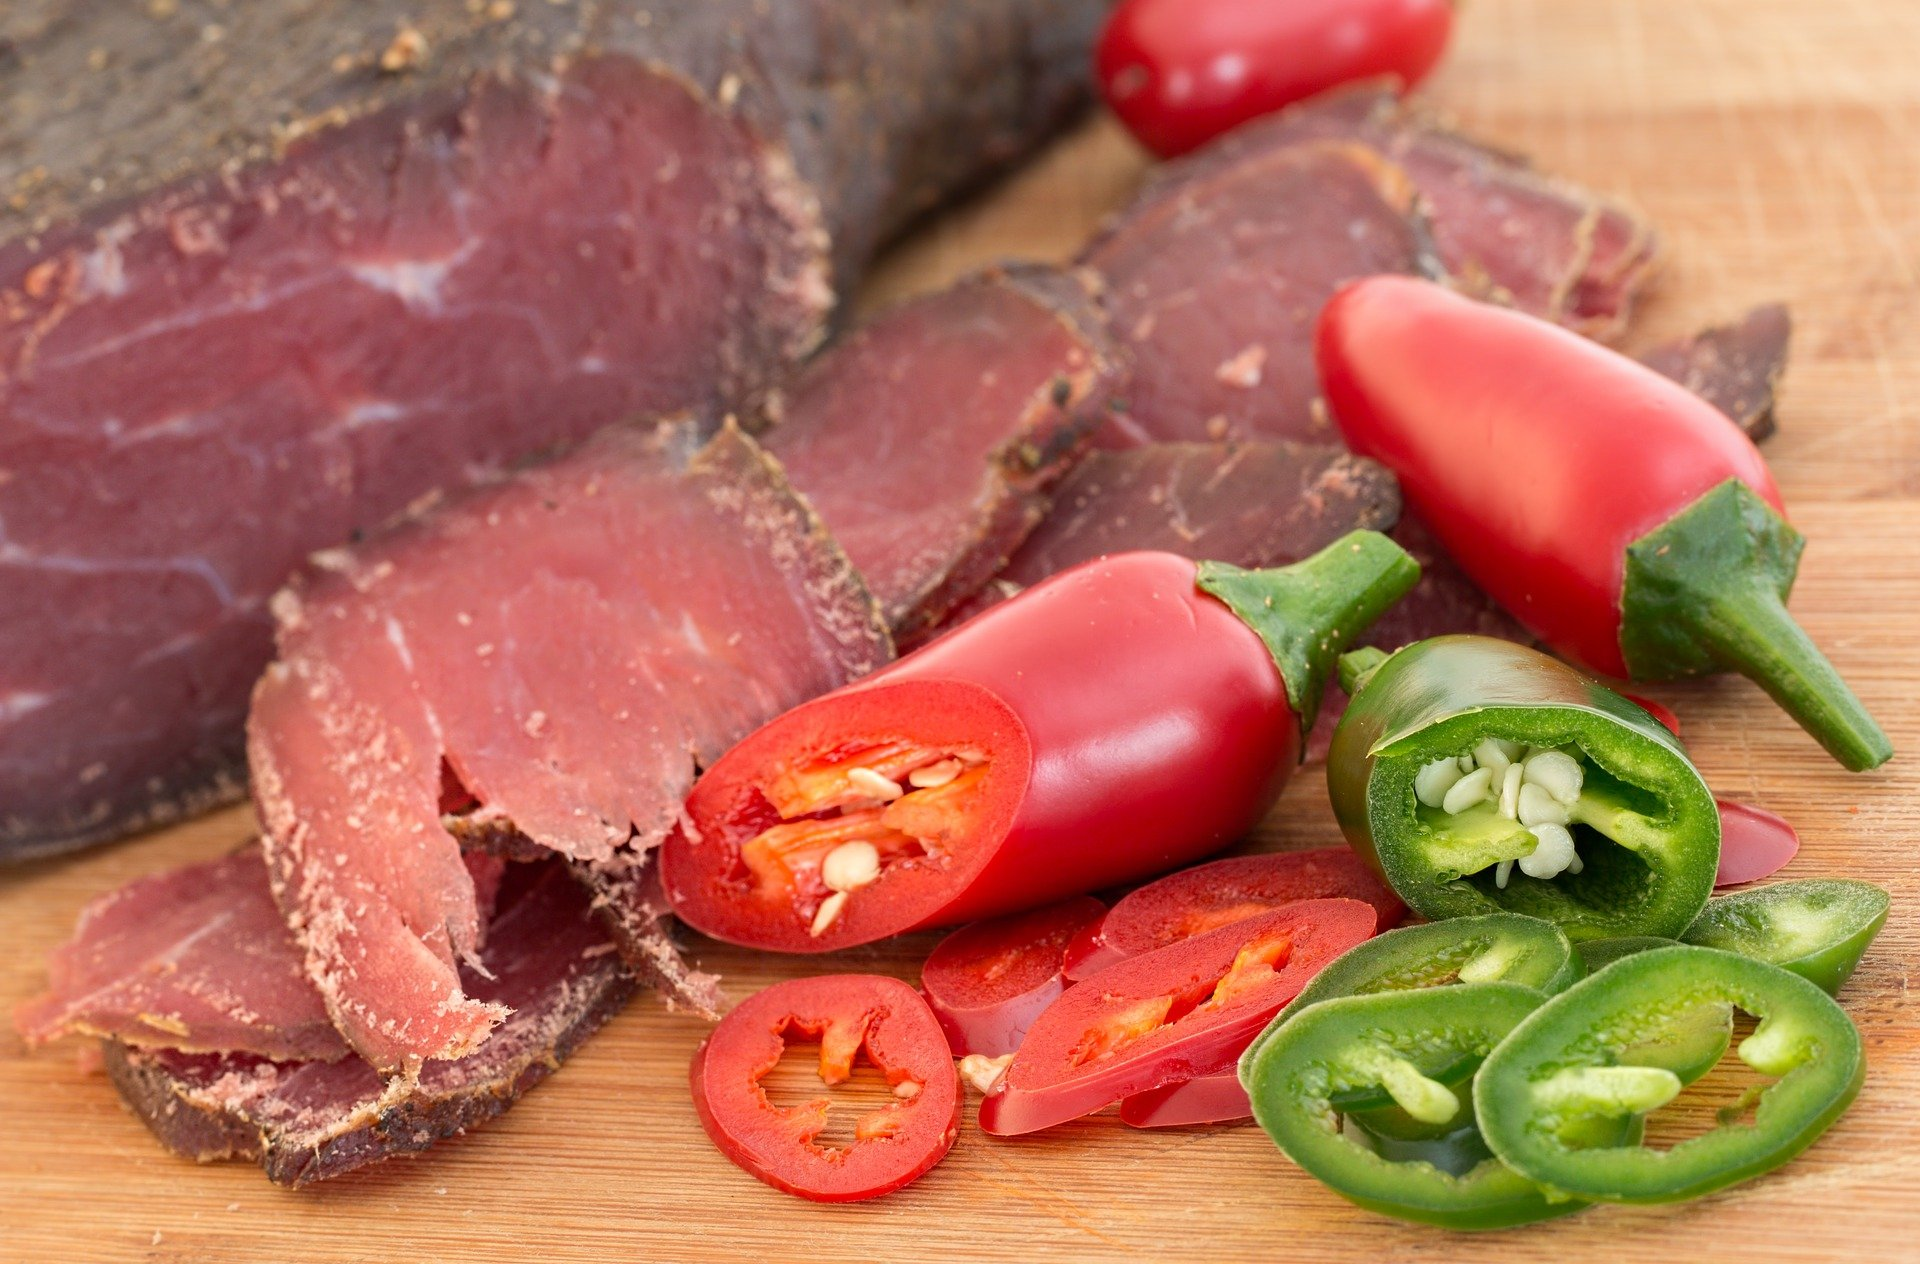 viande séchée